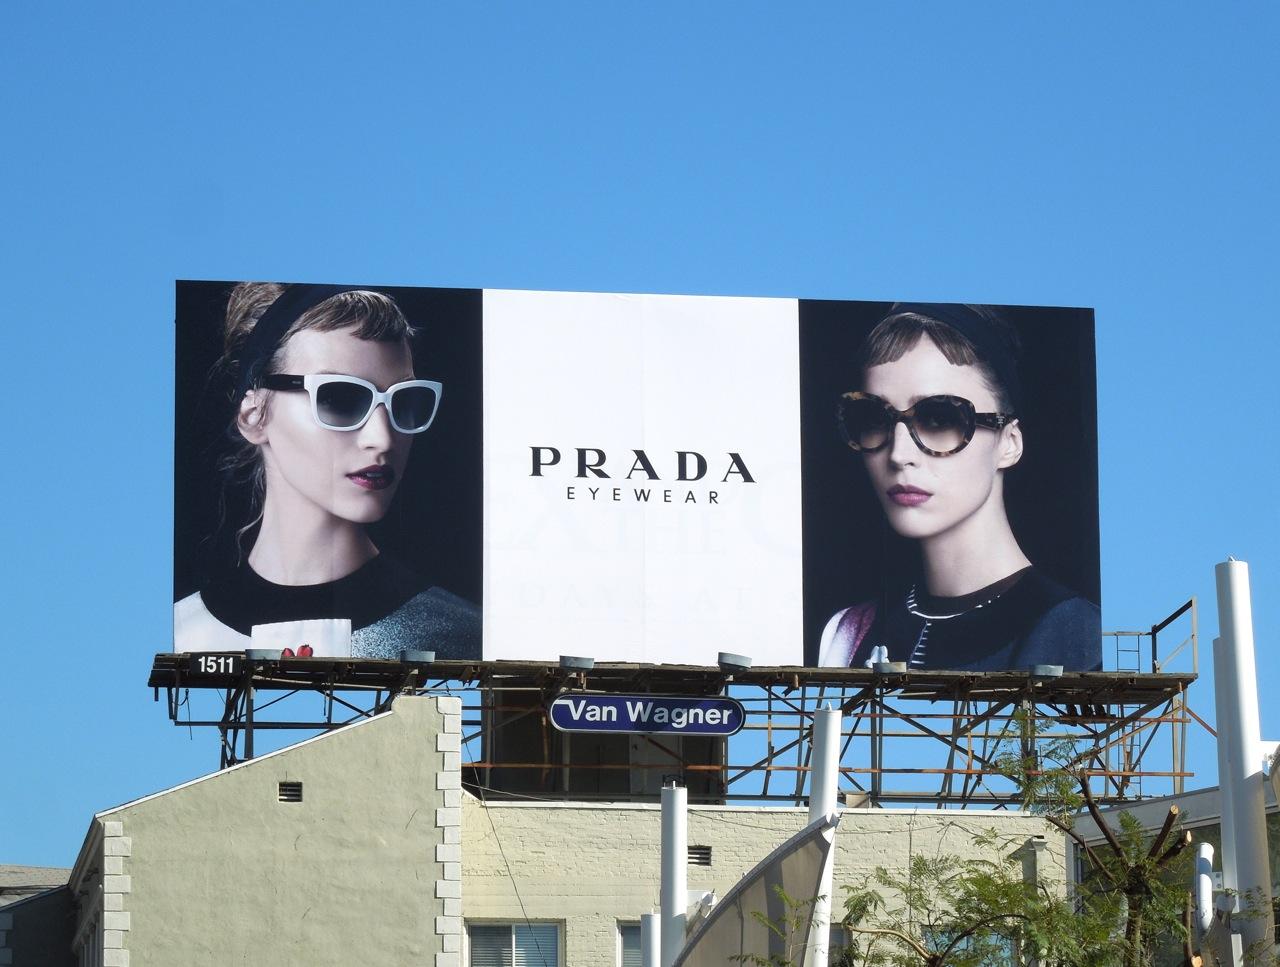 http://4.bp.blogspot.com/-wn2HAZb7hyI/UQM3Ud8keWI/AAAAAAAA_eY/ooe_rAHpNRU/s1600/prada+eyewear+2013+billboard.jpg